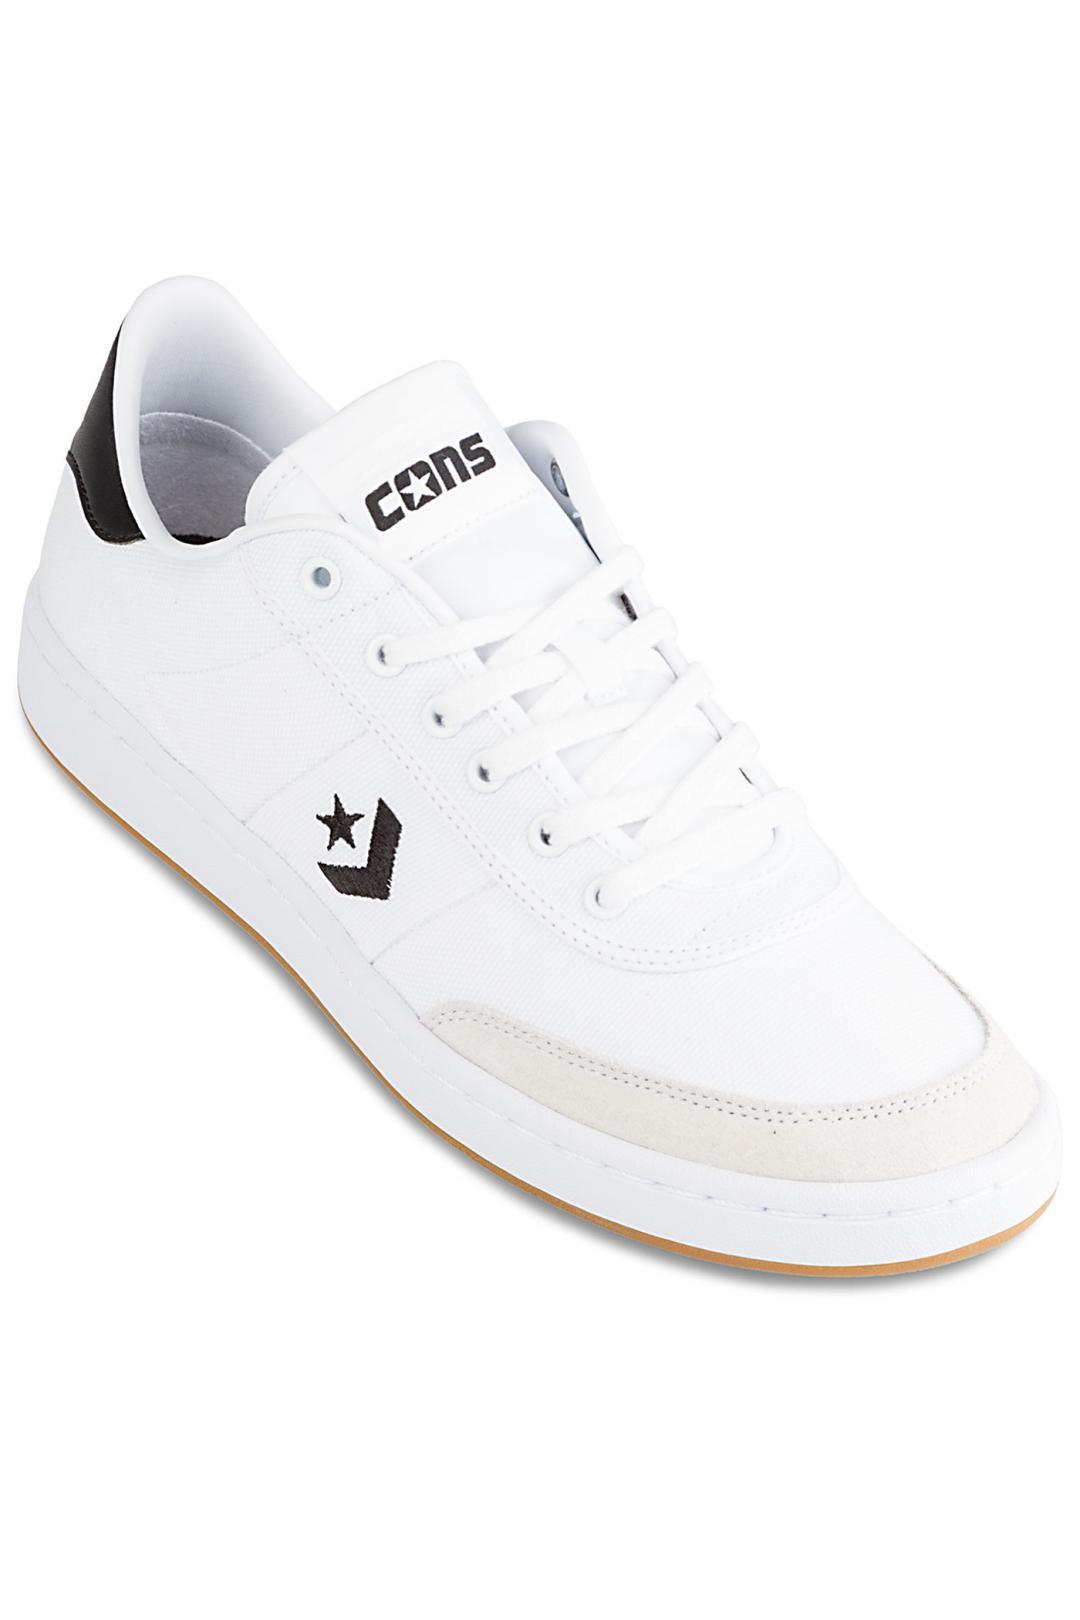 Uomo Converse Barcelona Pro white black white   Scarpe da skate